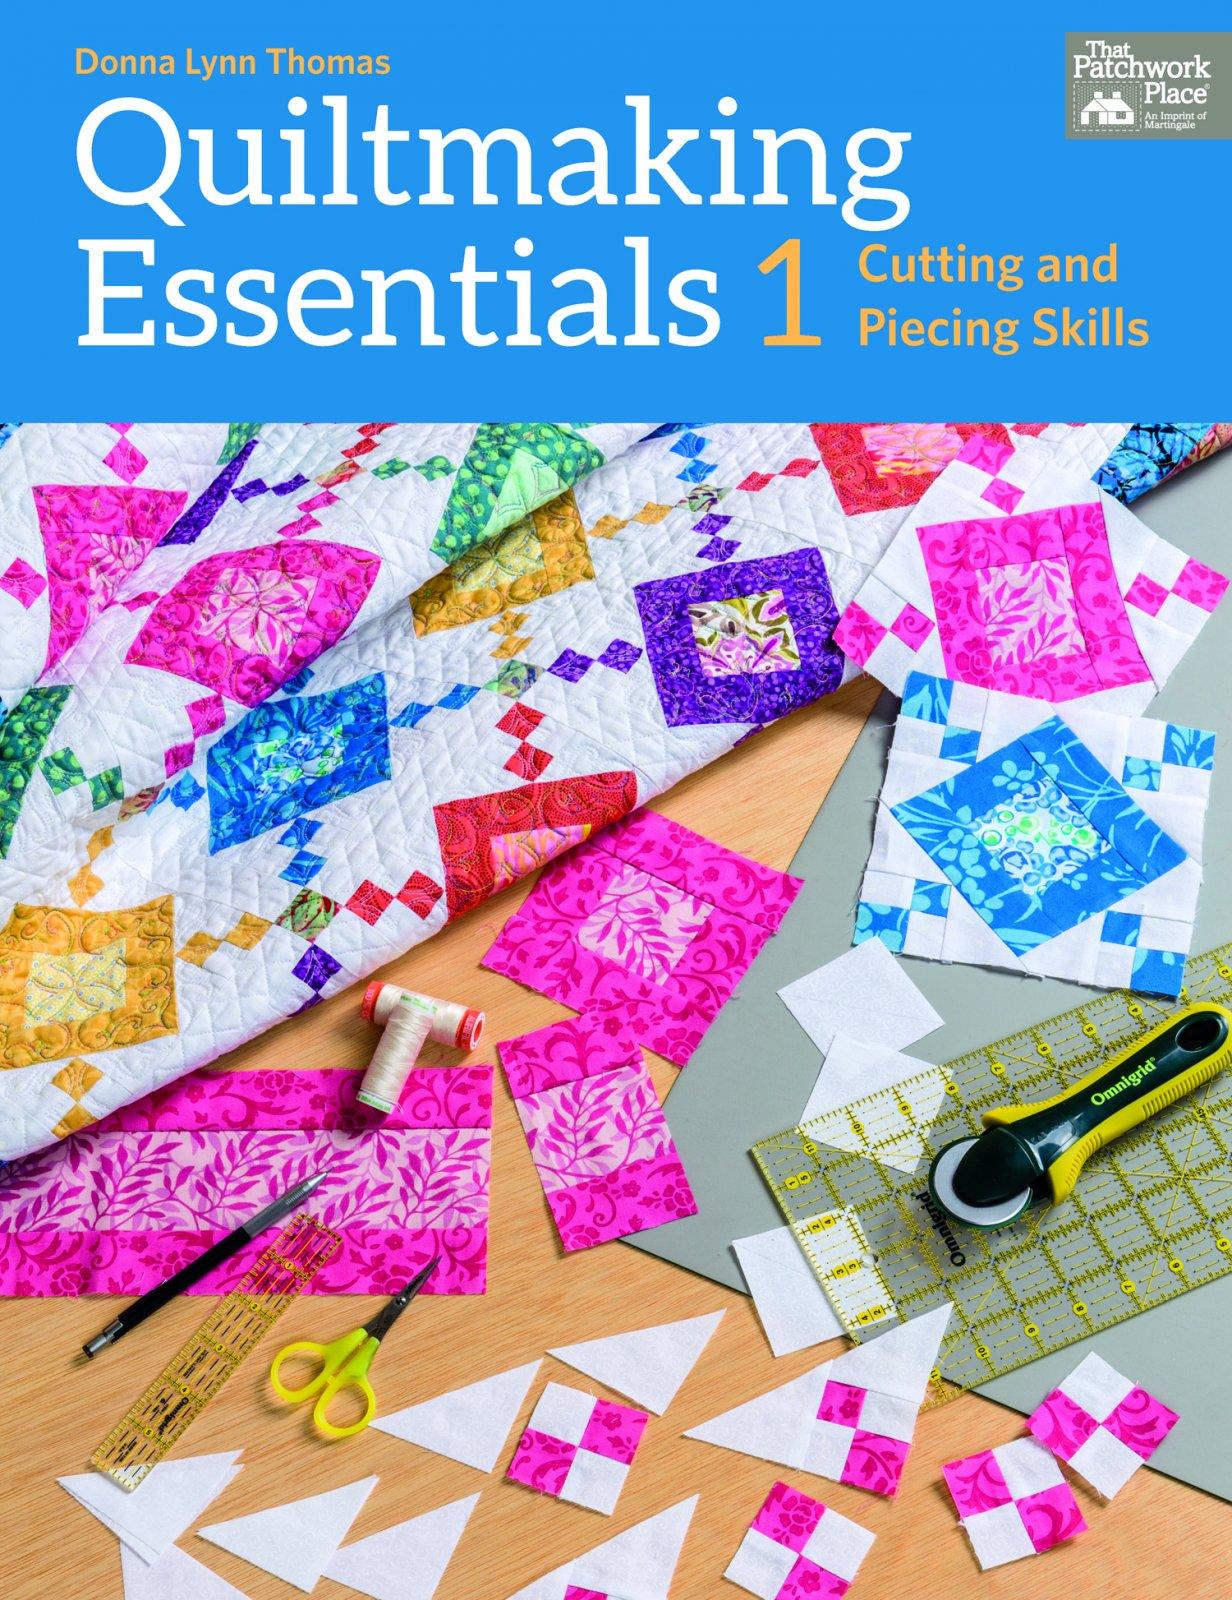 Quiltmaking Essentials 1